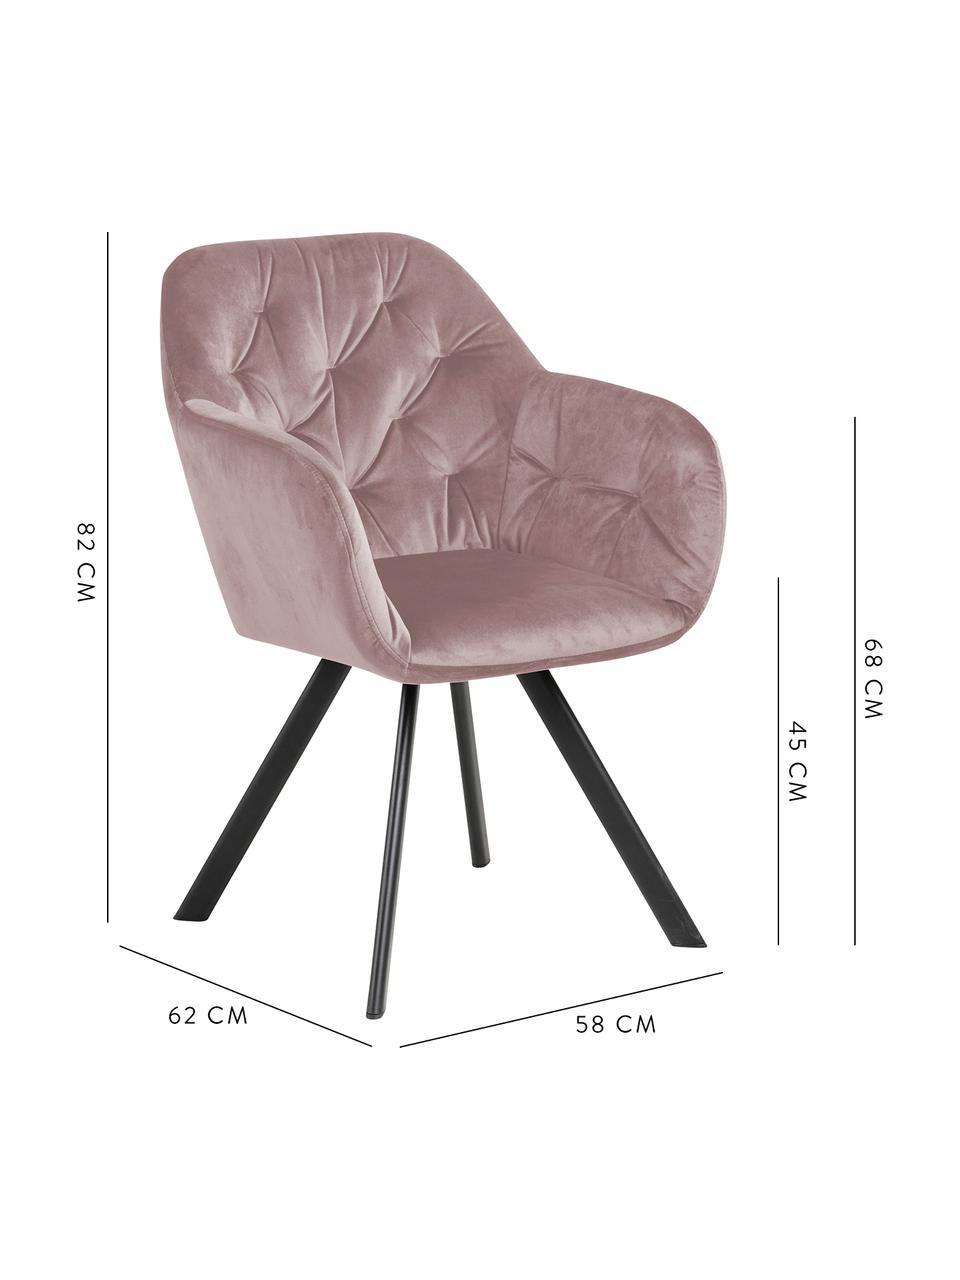 Chaise pivotante en velours et à accoudoirs Lucie, Vieux rose, noir